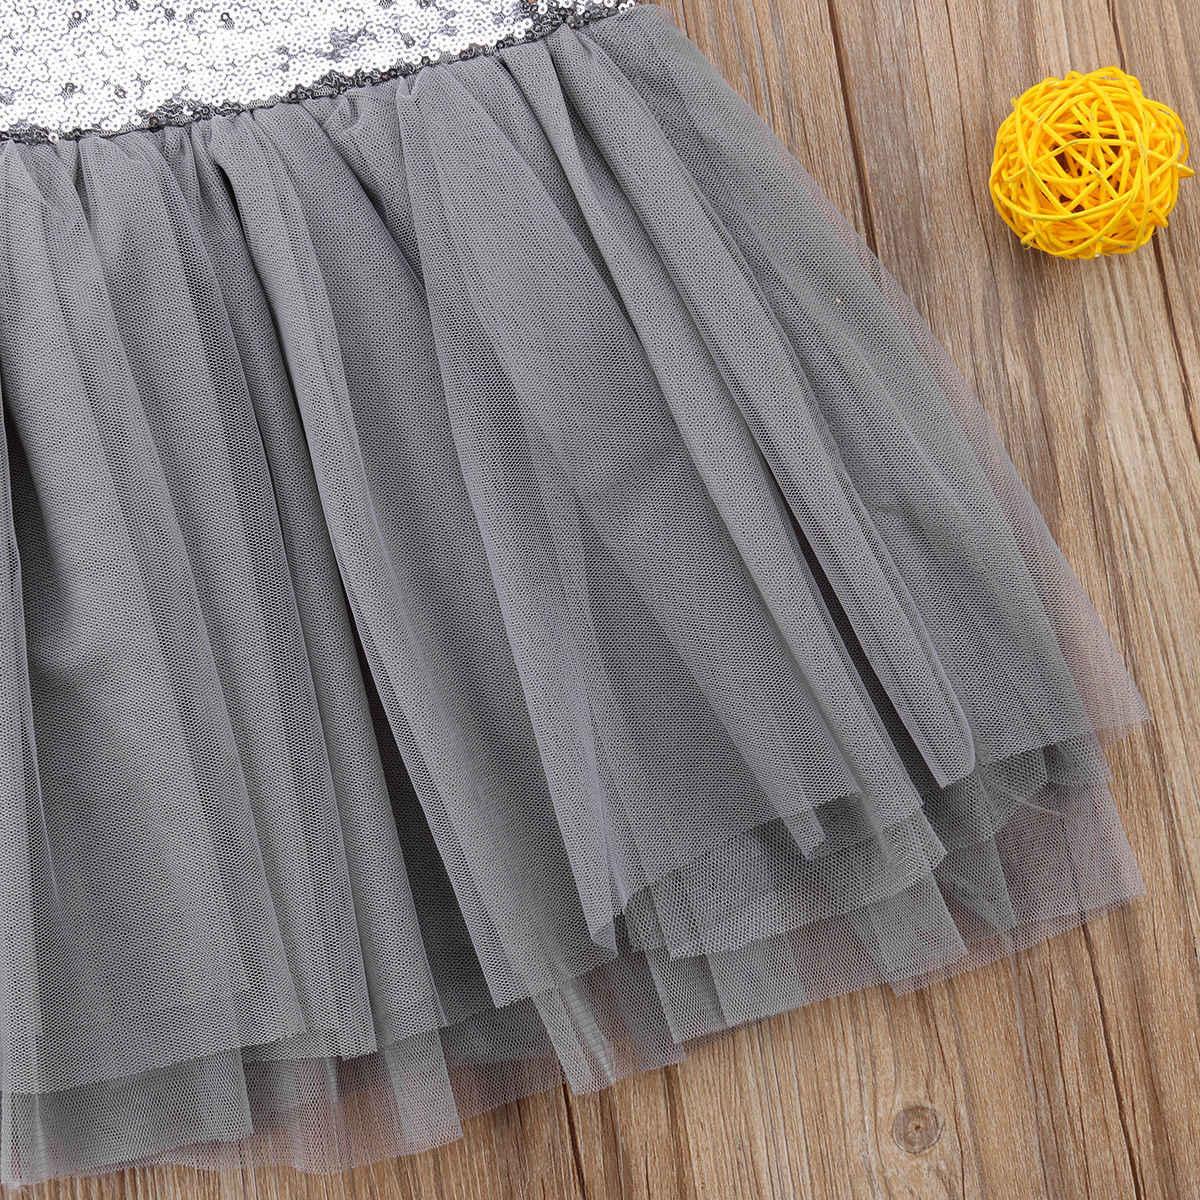 אופנה סגנון קיץ חם פעוט ילד תינוקת בלינג טלאים טוטו ללא משענת נסיכת כדור שמלת שמלה